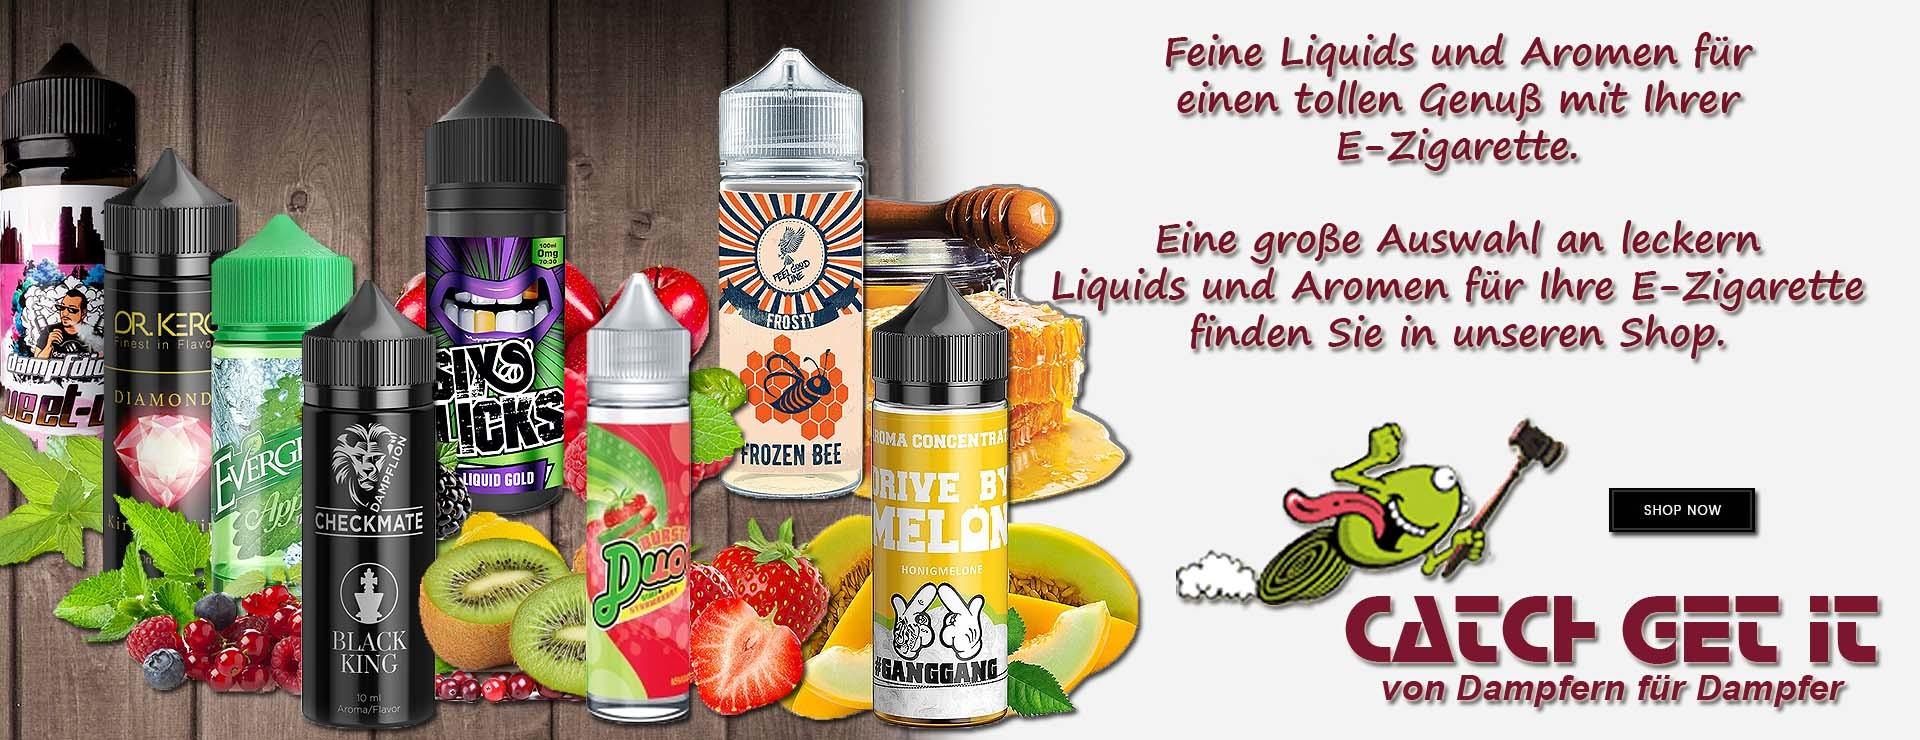 Catch Get It - von Dampfern für Dampfer - Unser Sortiment für die e-Zigarette - Liquid und Aroma